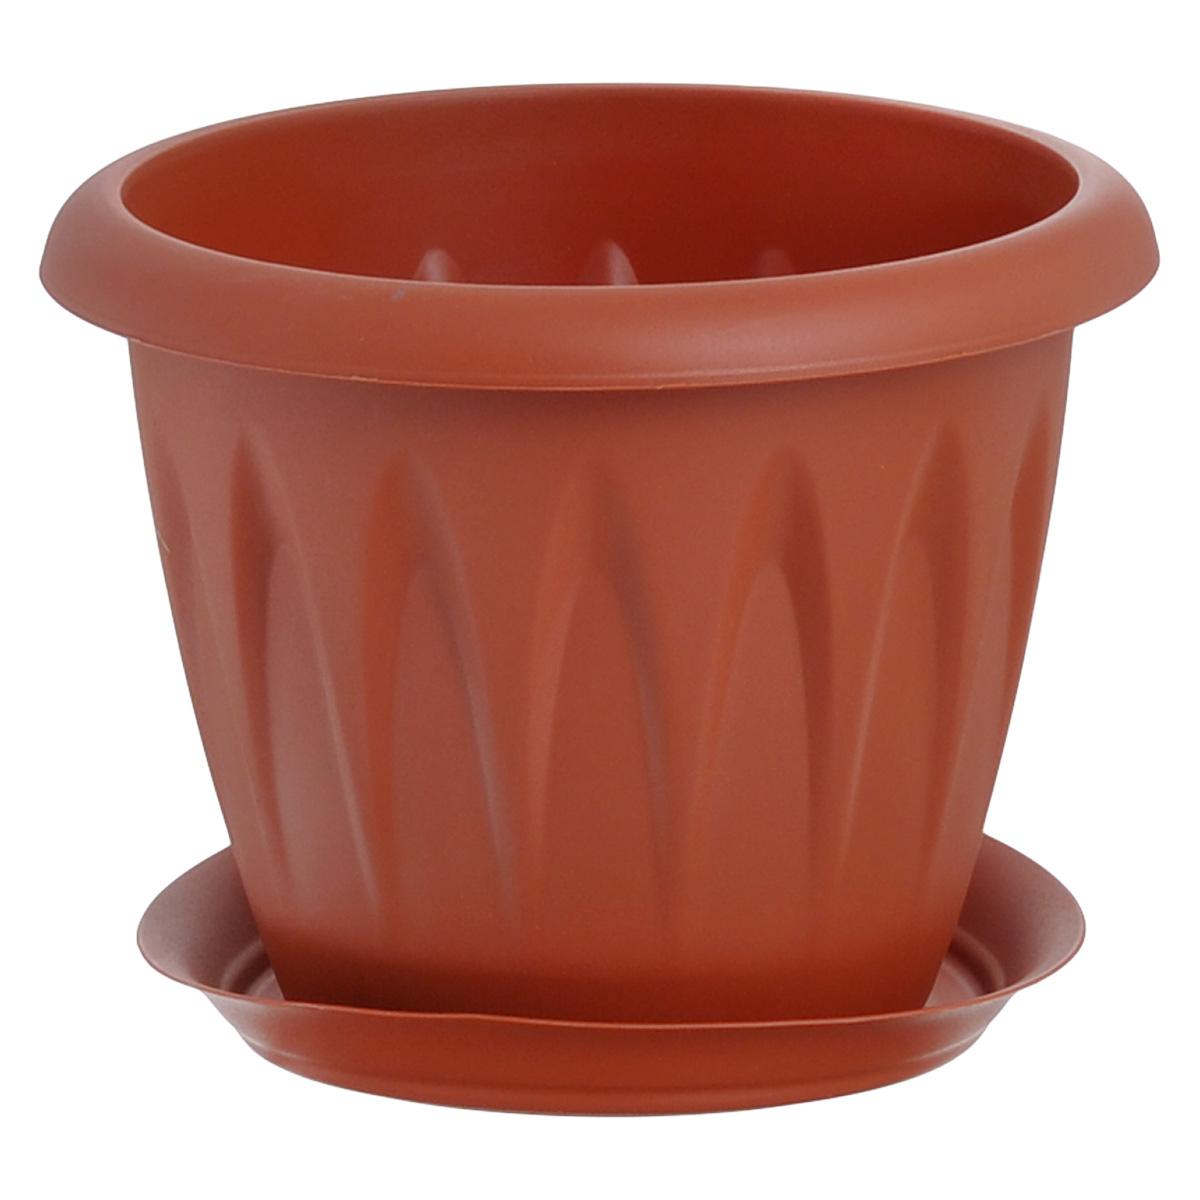 Кашпо Idea Алиция, с поддоном, цвет: терракотовый, 600 млМ 3063Кашпо Idea Алиция изготовлено из прочного полипропилена (пластика) и предназначено для выращивания растений, цветов и трав в домашних условиях. Круглый поддон обеспечивает сток воды. Такое кашпо порадует вас функциональностью, а благодаря лаконичному дизайну впишется в любой интерьер помещения. Диаметр кашпо по верхнему краю: 12 см. Высота кашпо: 9,5 см. Диаметр поддона: 9,5 см. Объем кашпо: 0,6 л.